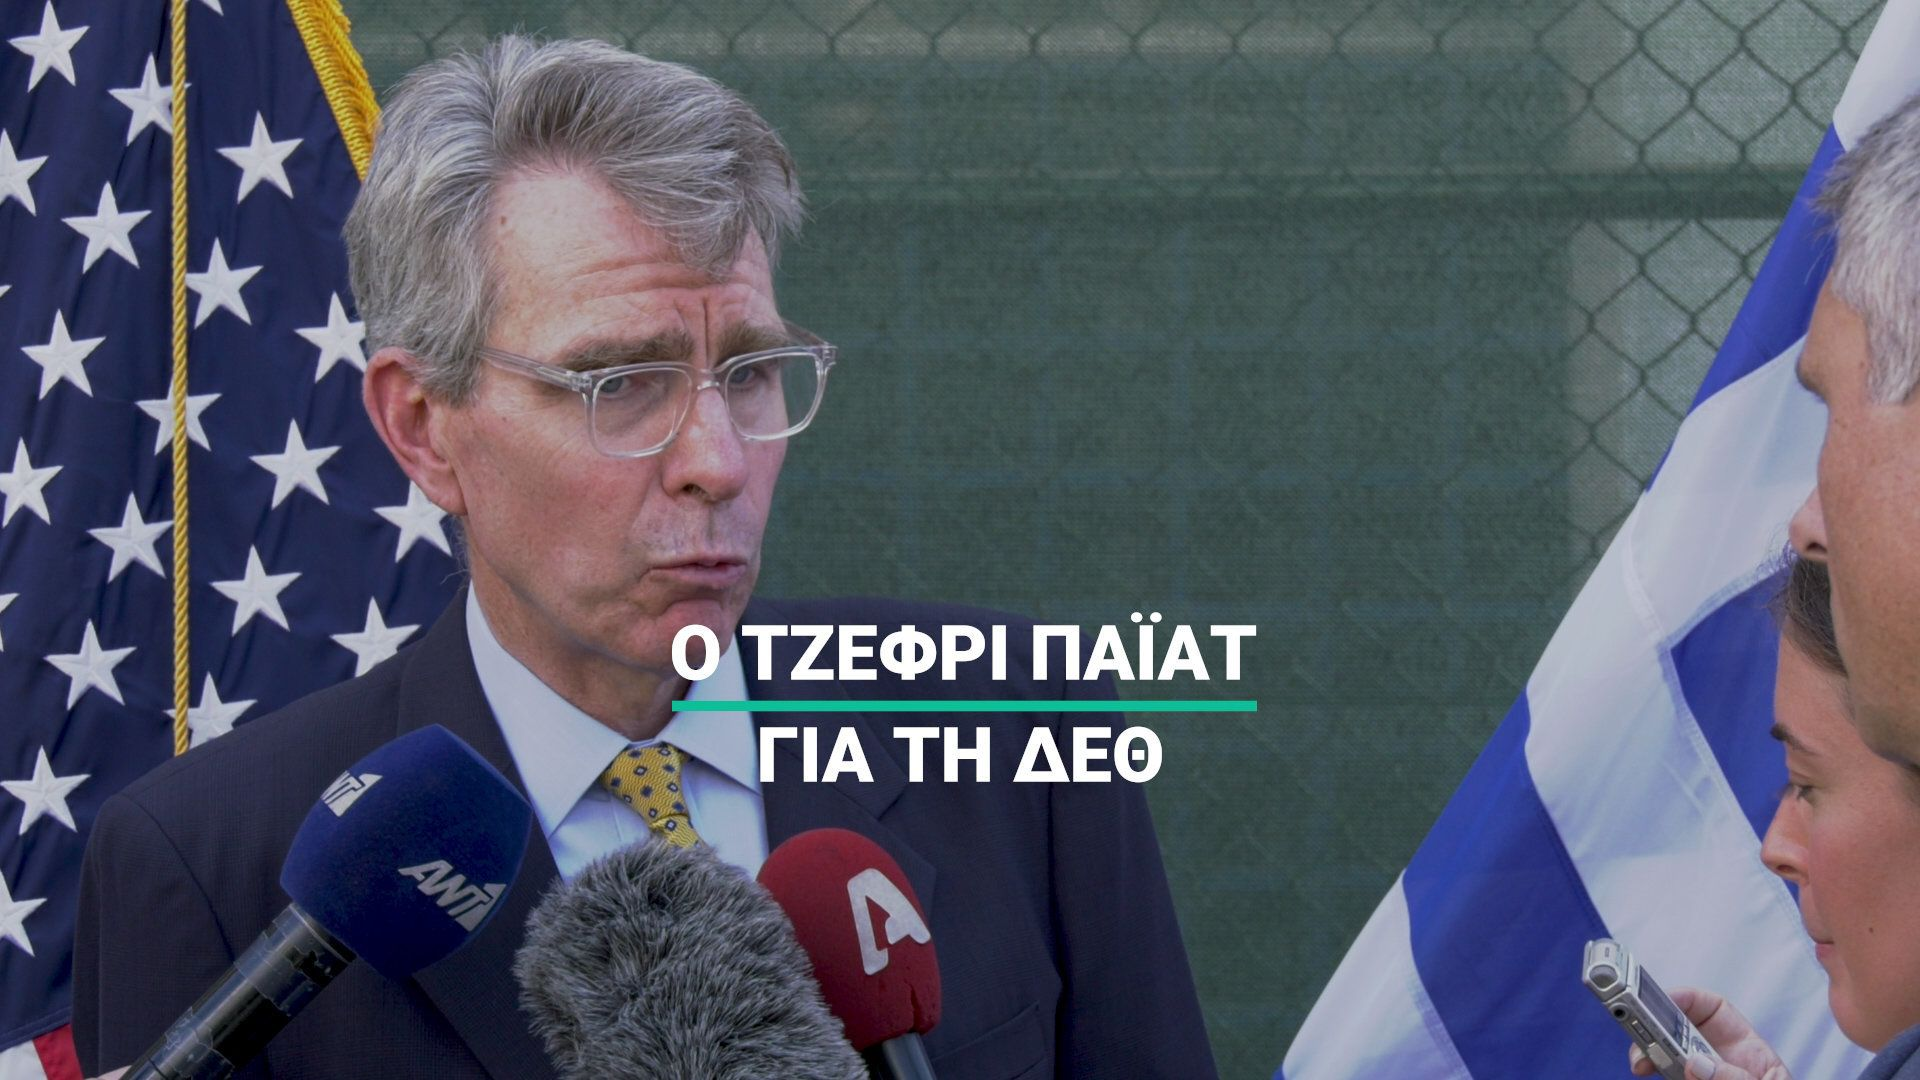 Ο Τζέφρι Πάιατ απαντά στη HuffPost Greece τι σημαίνει η παρουσία των ΗΠΑ στη